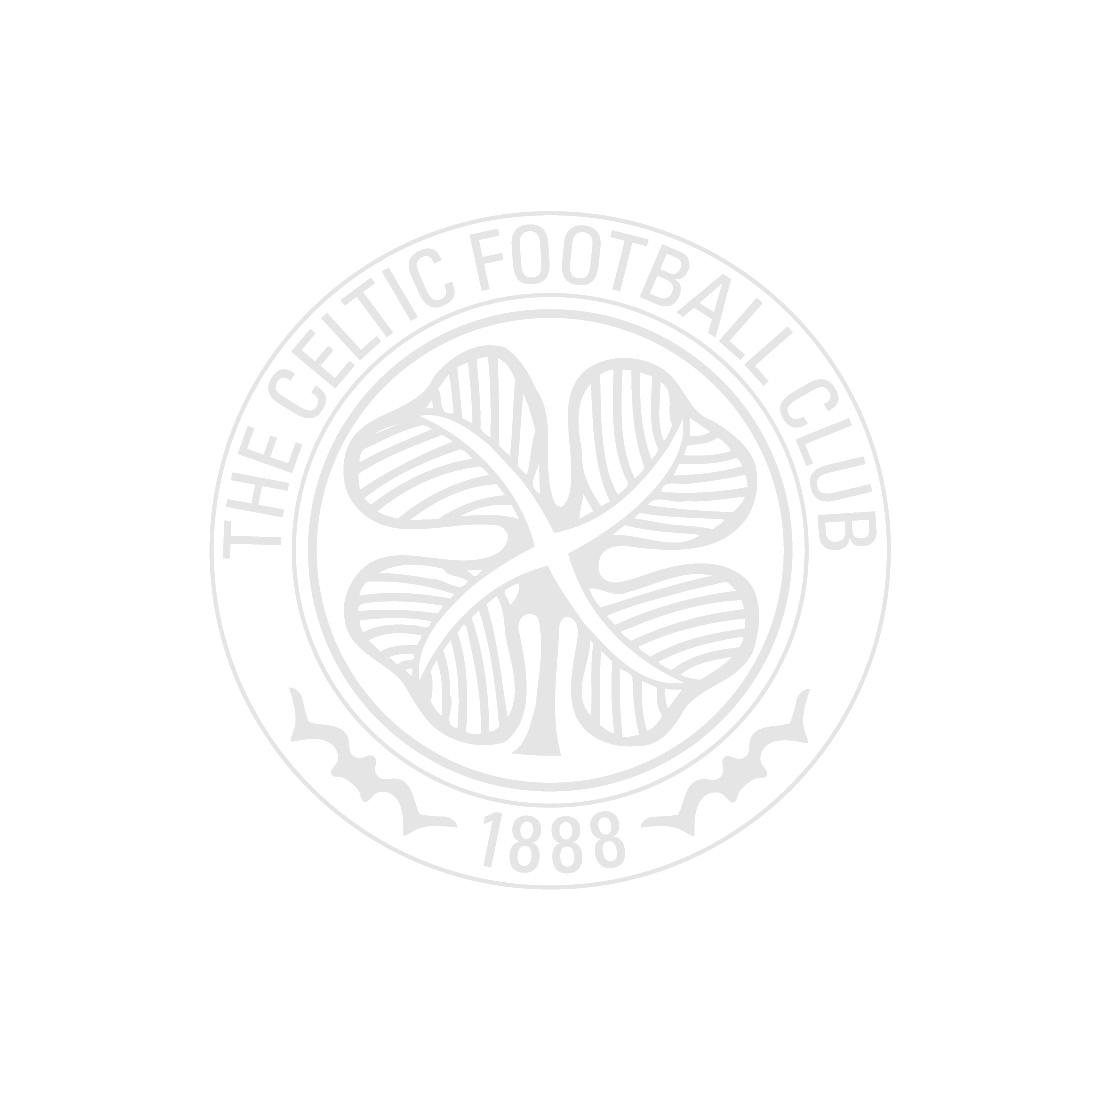 Celtic Mens 2021/22 Away Shirt with No Sponsor